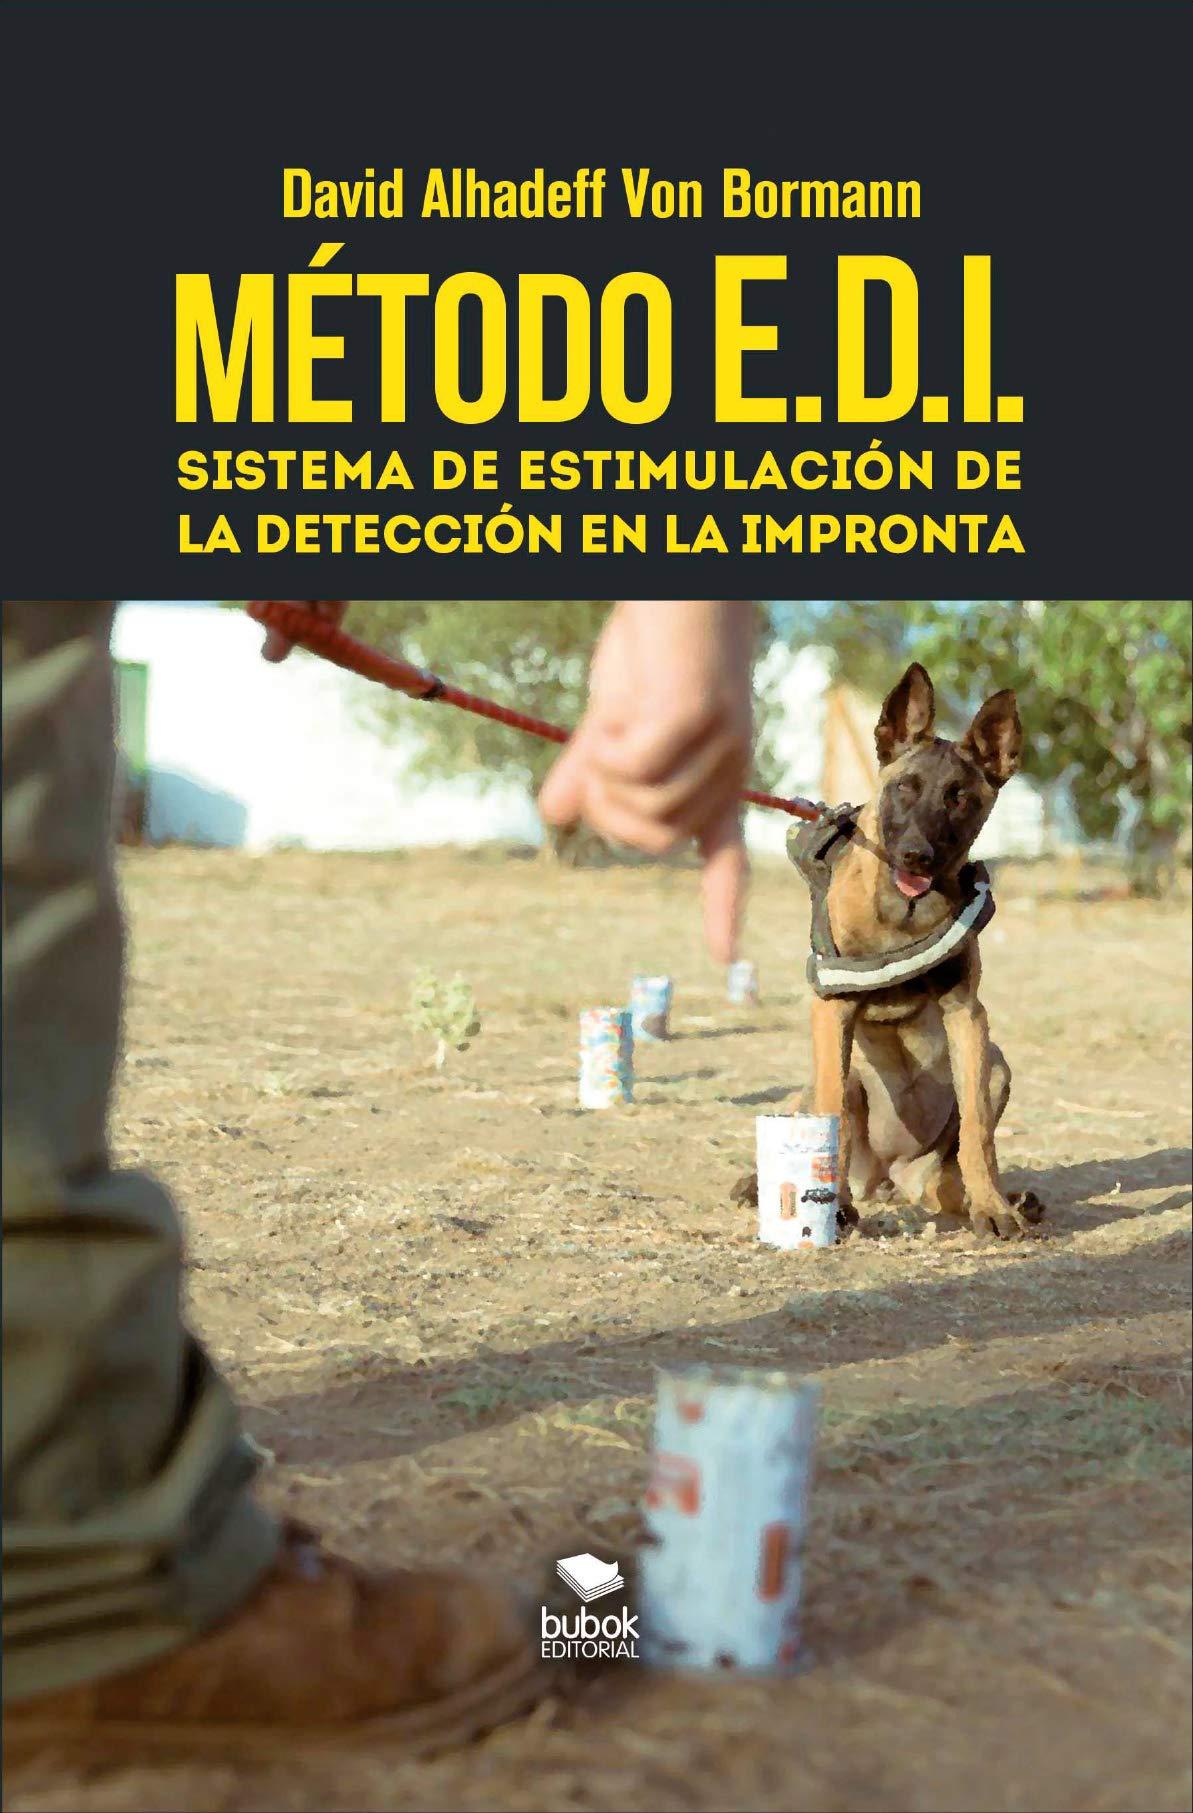 Metodo e.d.i. sistema de estimulación de la detección en la impronta: Amazon.es: David Alhadeff Von Bormann: Libros